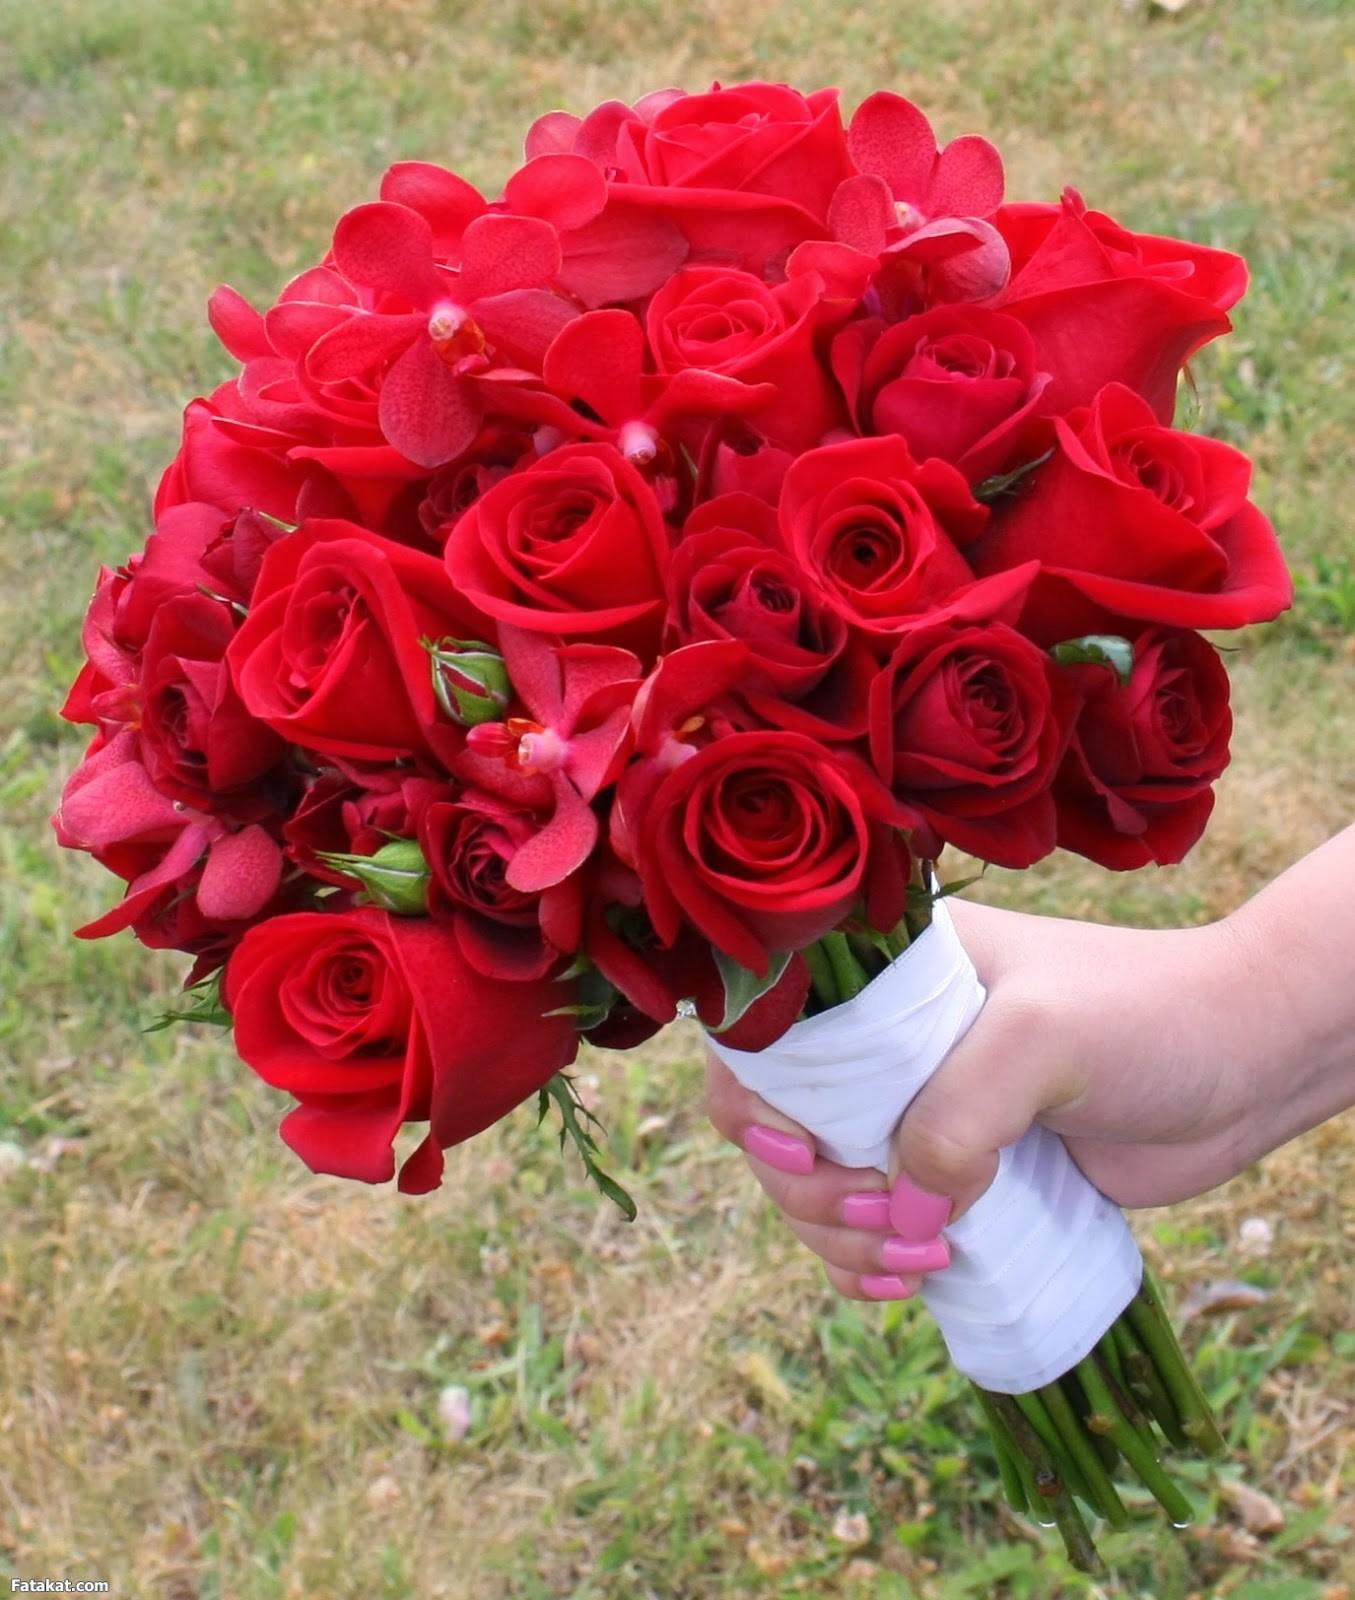 بالصور صور ورود جميلة , اجمل مناظر الورود 66 11